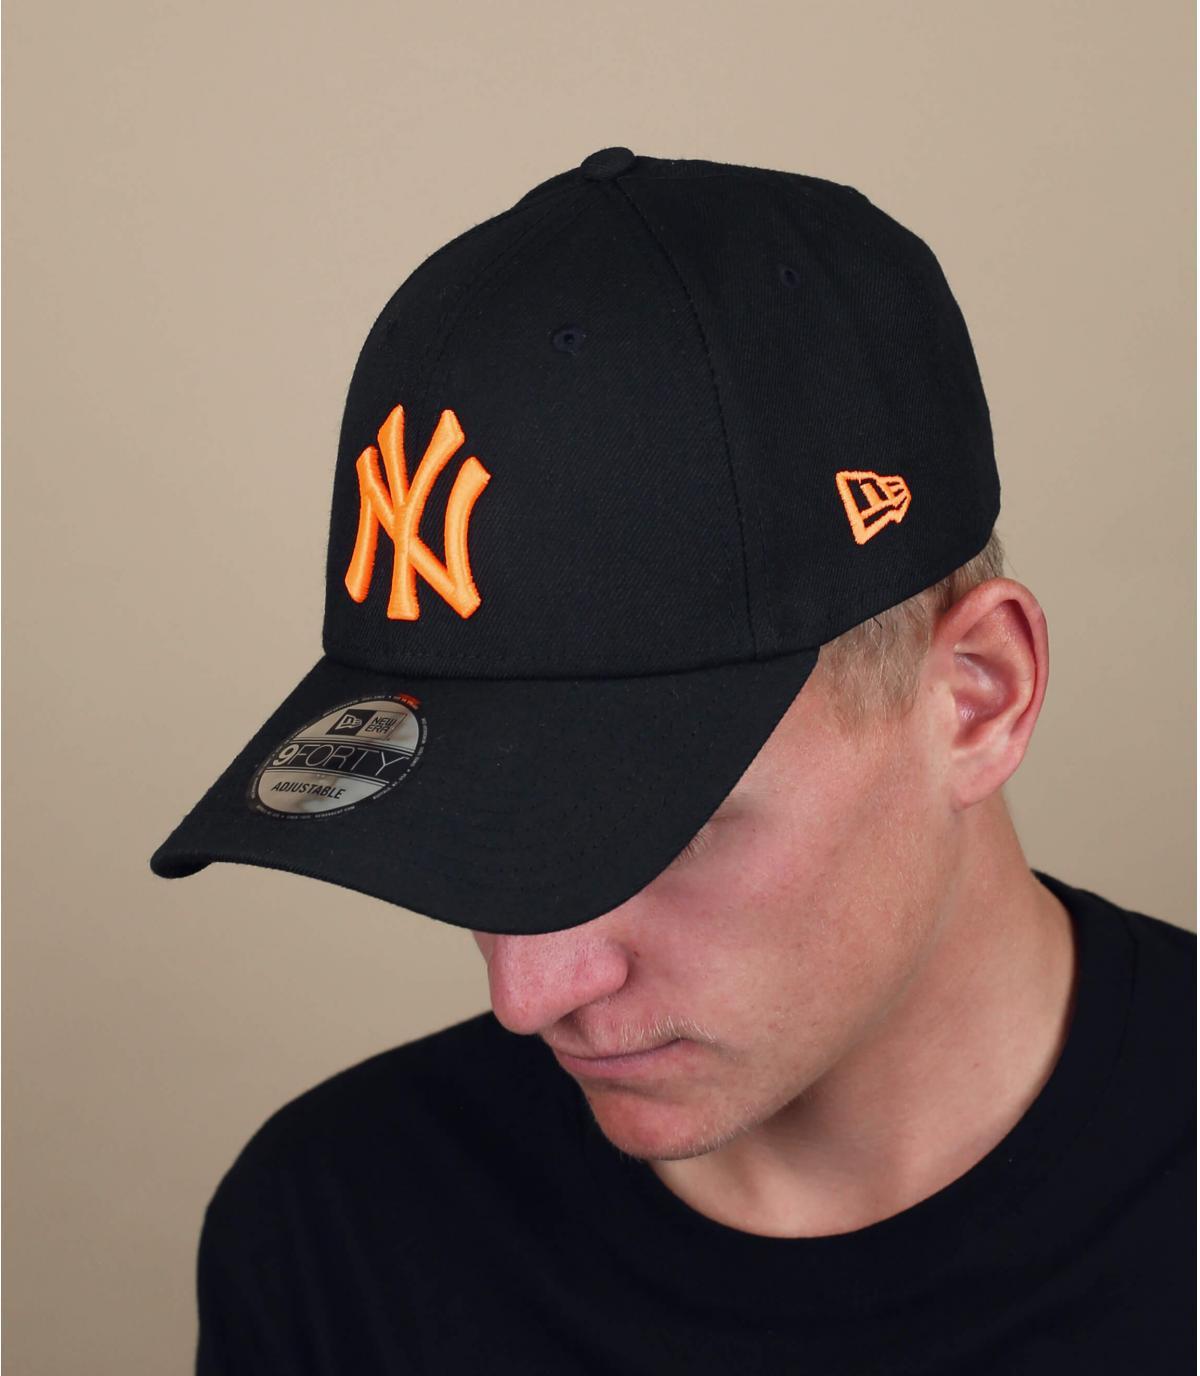 Cappellino NY nero e arancio fluo